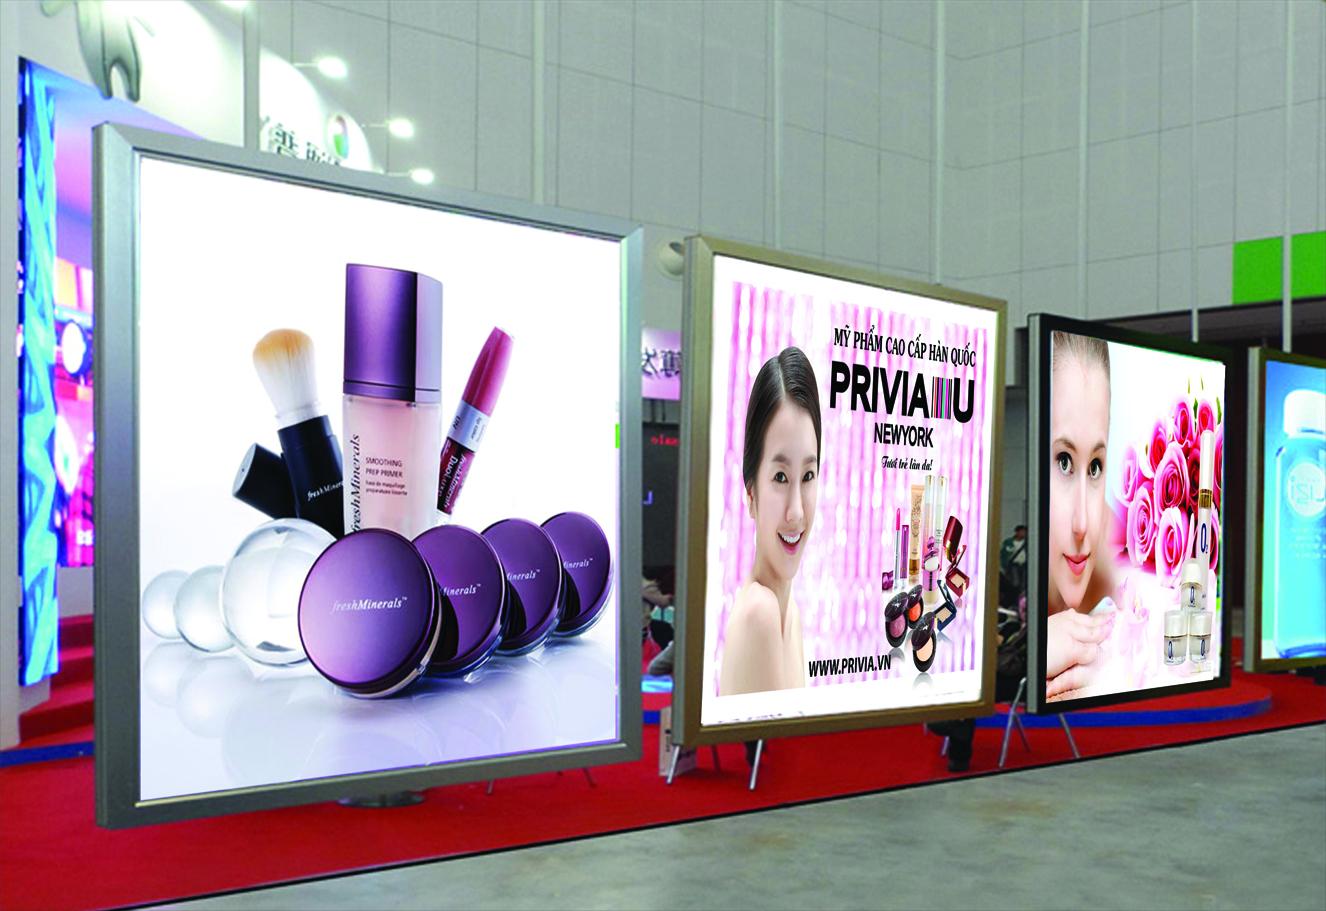 Thi công hộp đèn quảng cáo chất lượng tại Hà ...